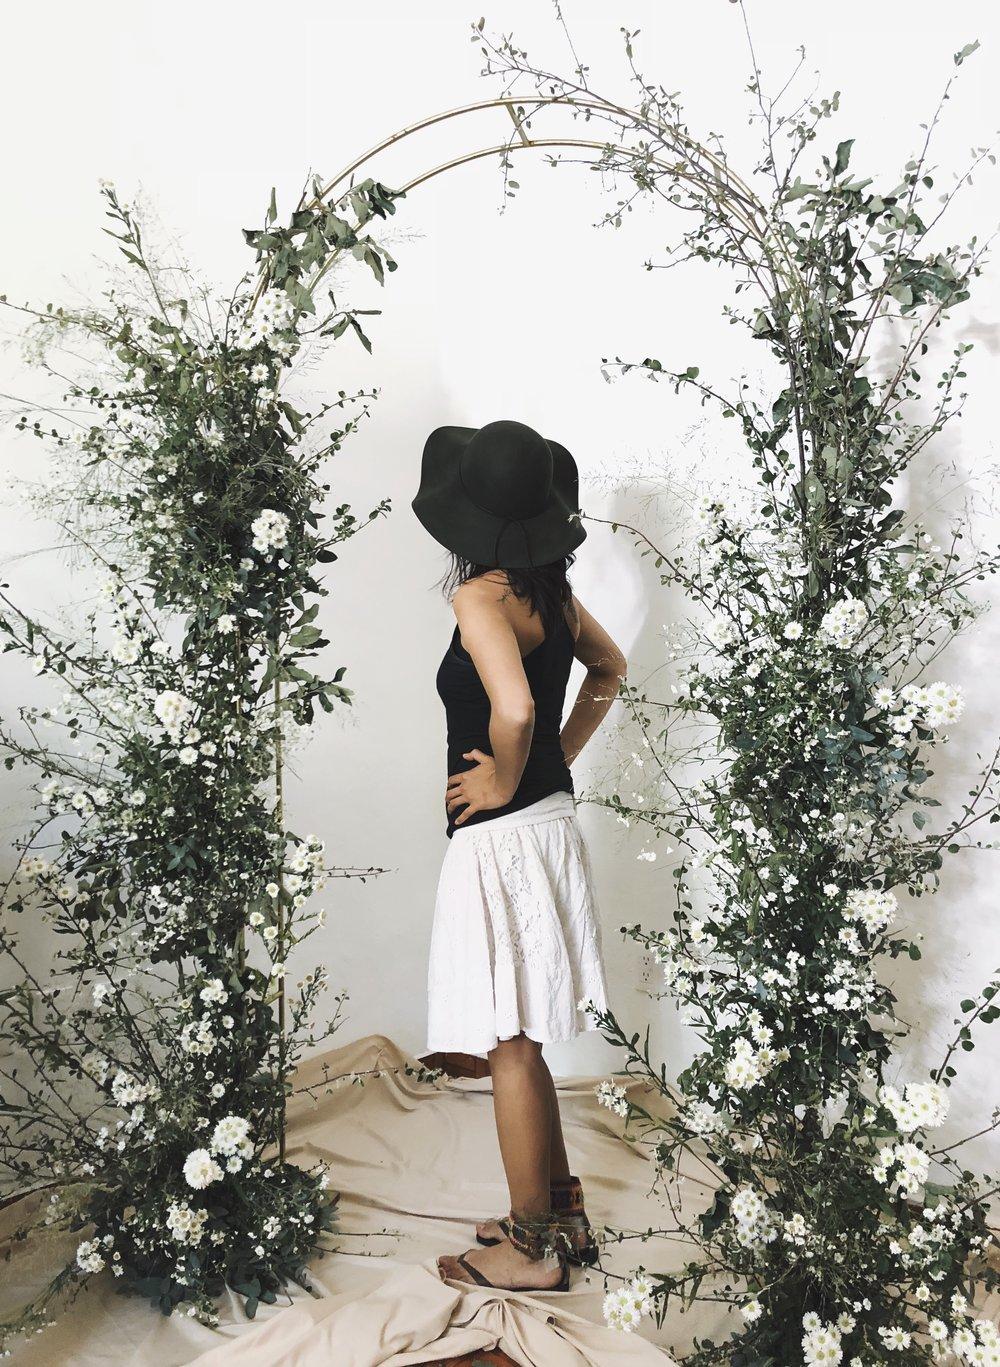 La Pareja en un arquito de flores.